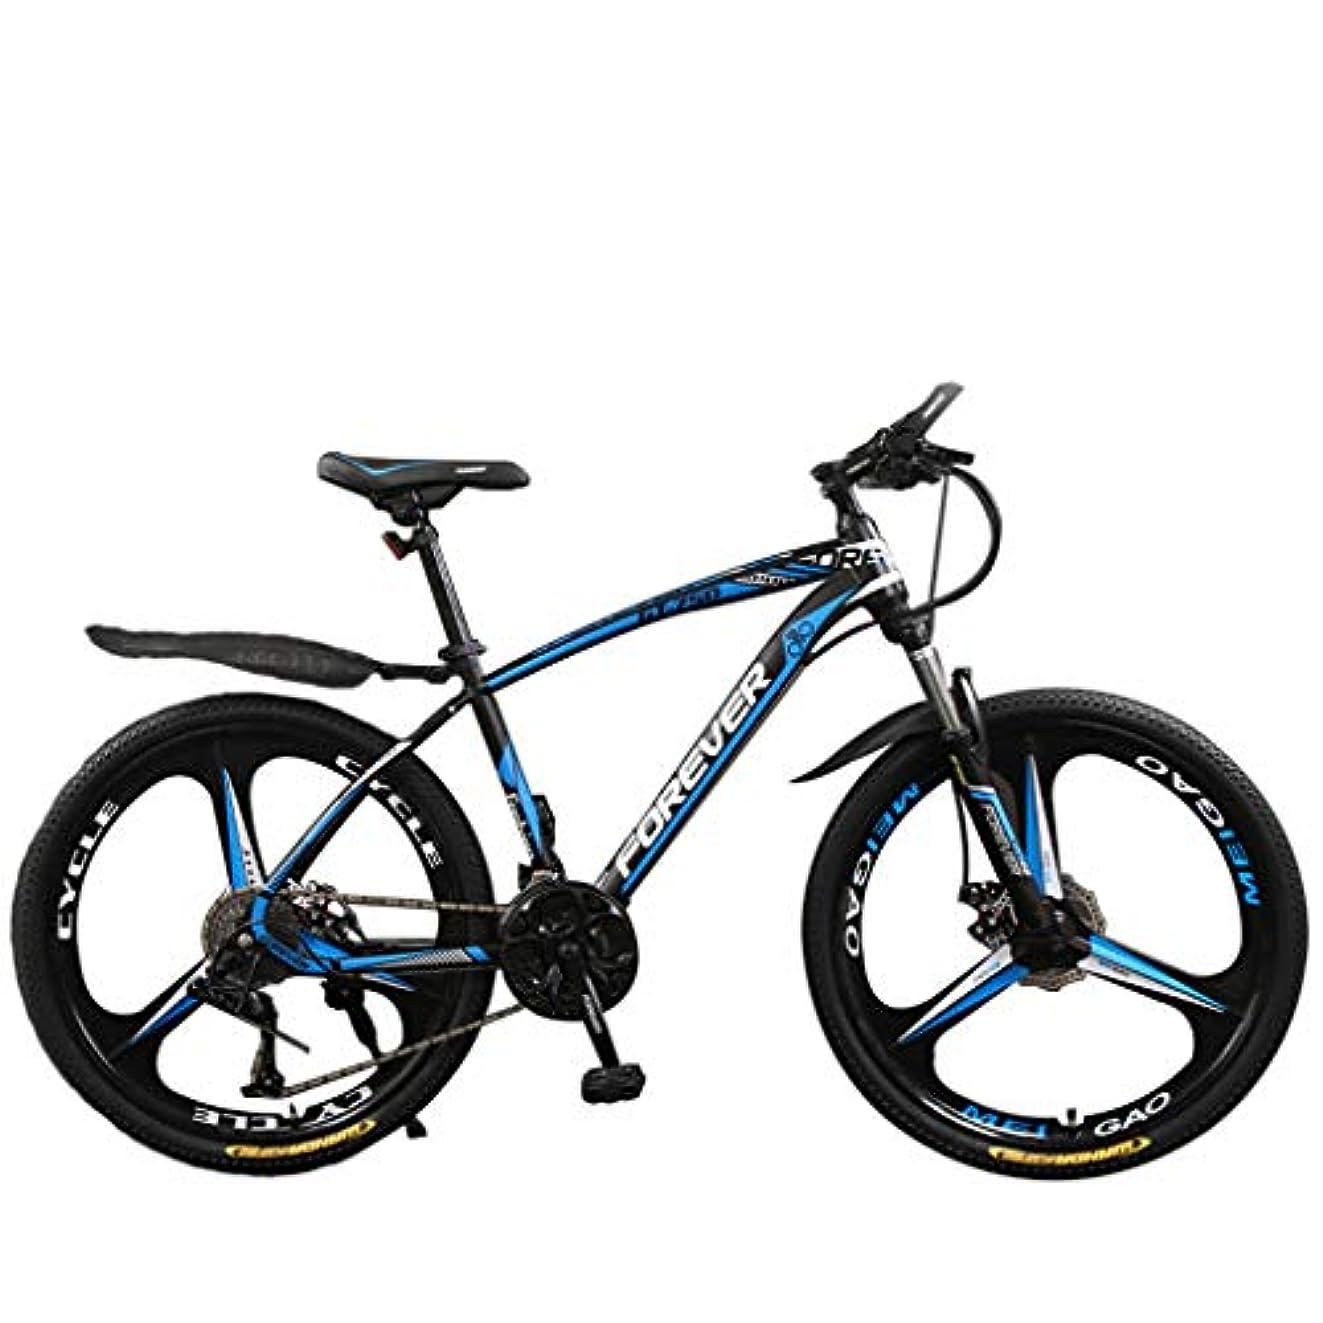 レガシー座標急性24/26インチ21スピードマウンテンバイク自転車成人学生アウトドアスポーツサイクリングロードバイクエクササイズバイクハードテールマウンテンバイクフルサスペンションMTB